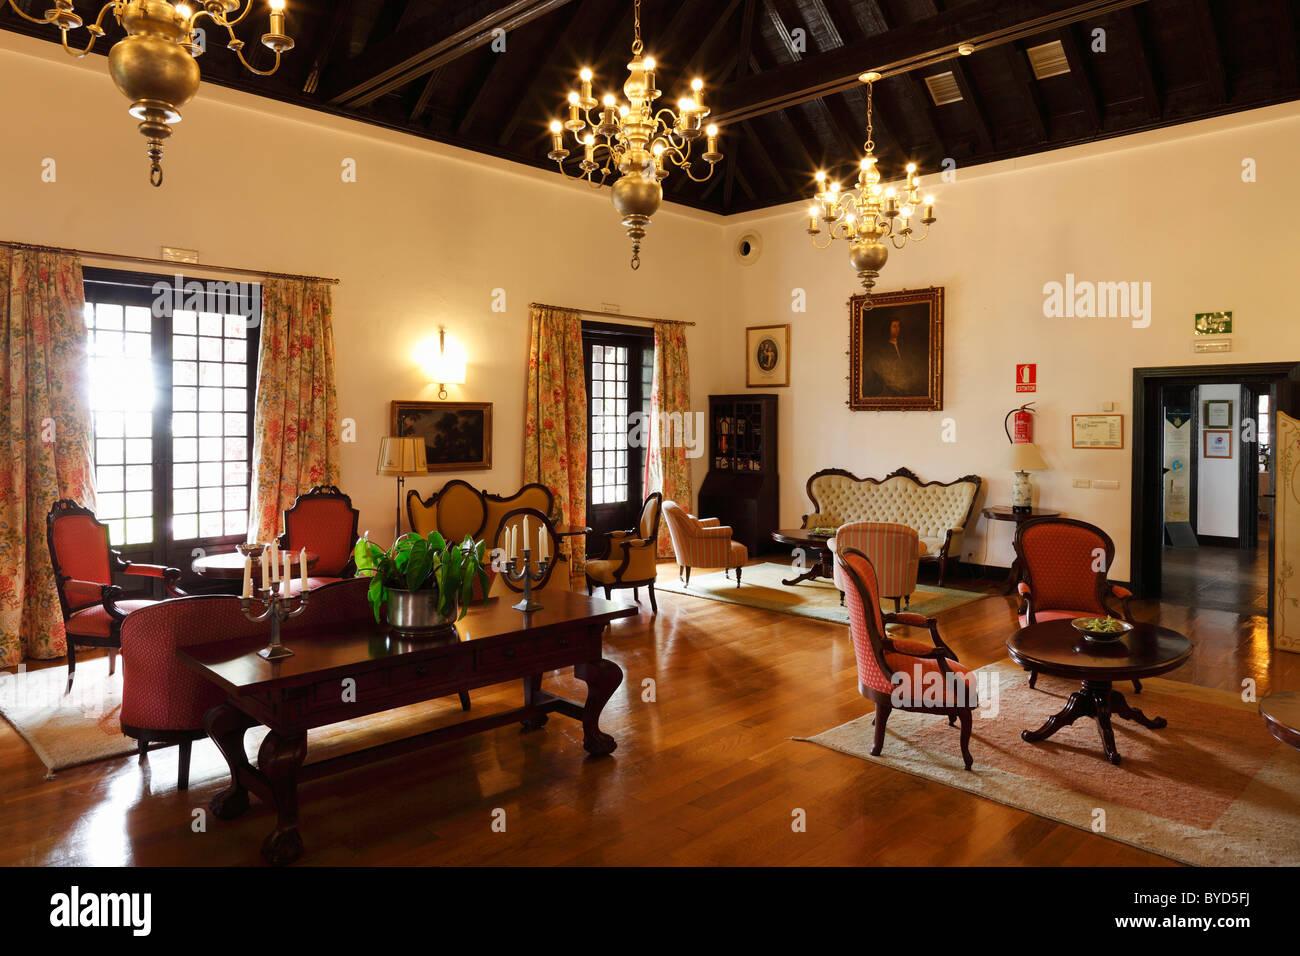 Salon at the Hotel Parador de Turismo Conde de La Gomera, San Sebatián de La Gomera, Canary Islands, Spain, - Stock Image